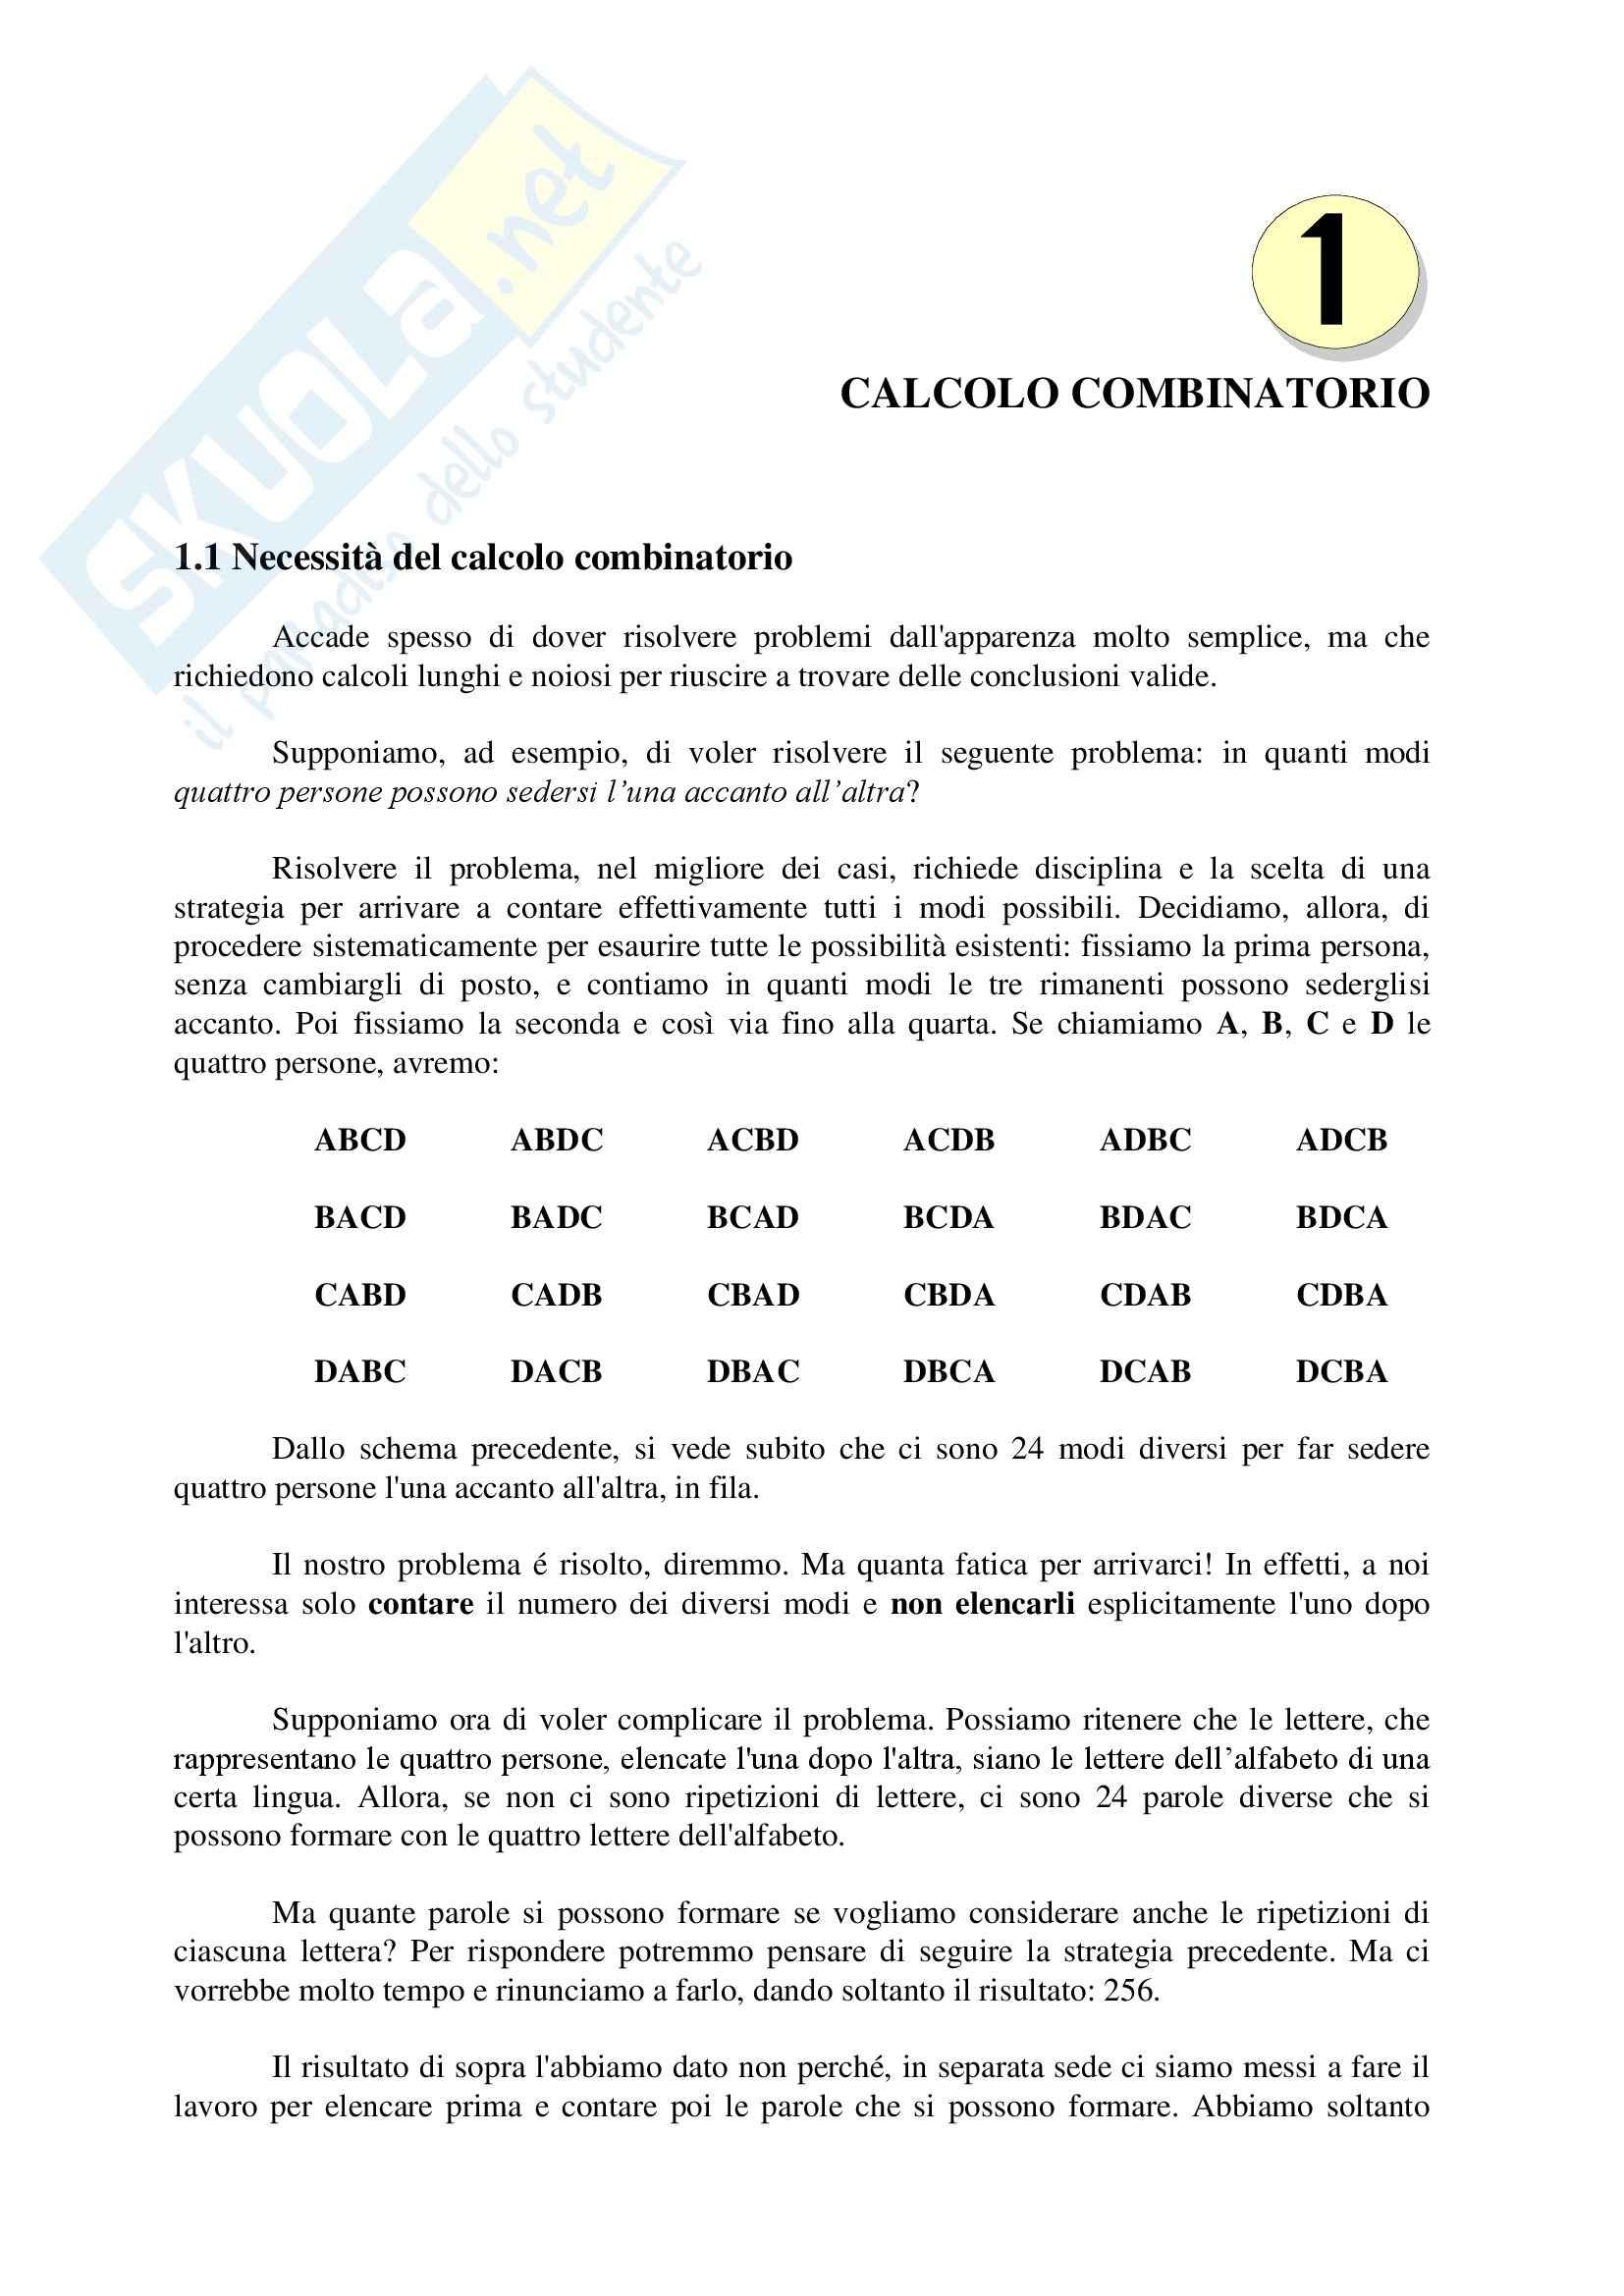 Statistica - calcolo combinatorio e probabilità - Appunti